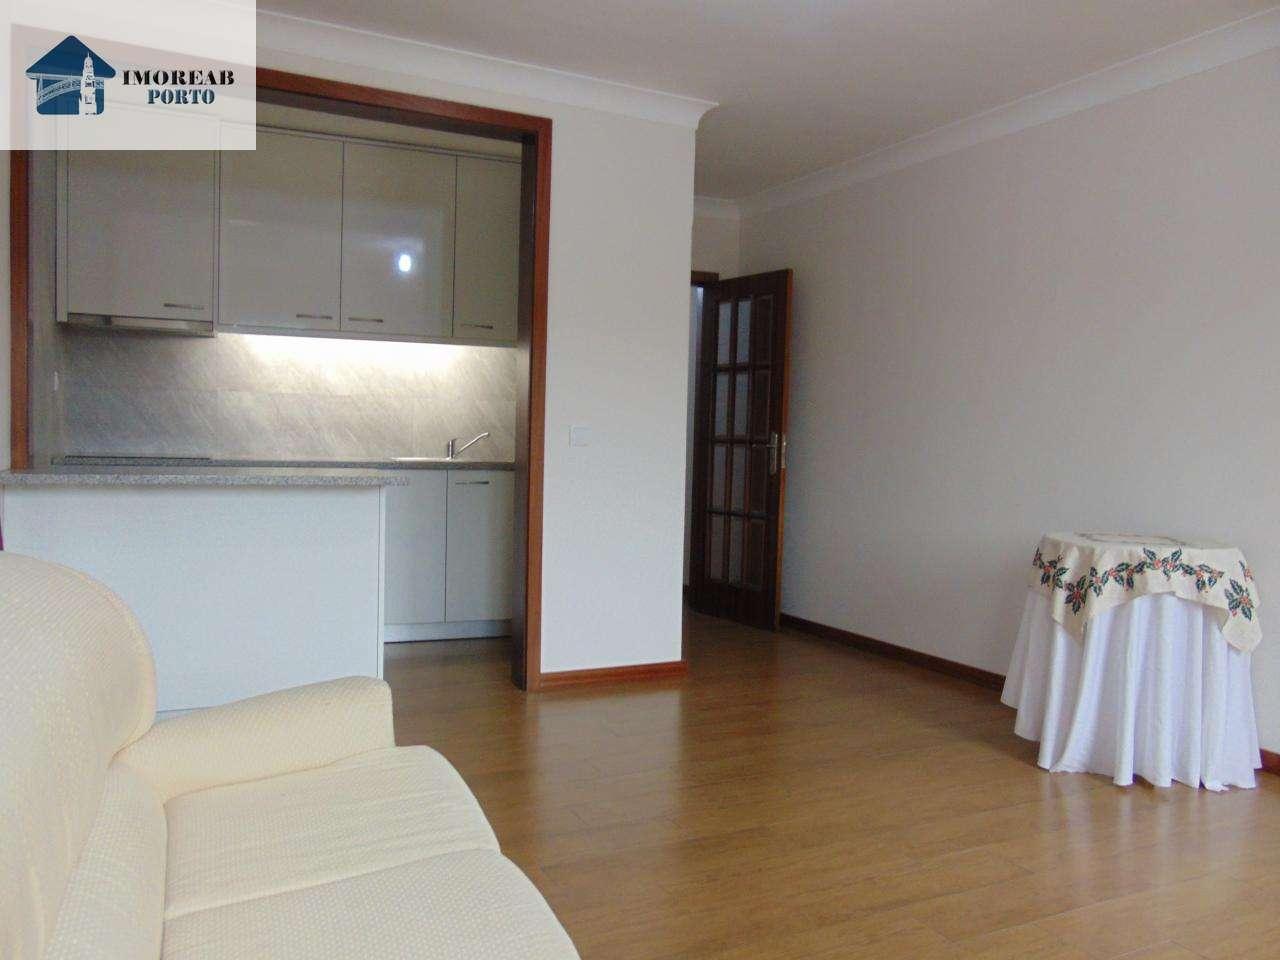 Apartamento para comprar, Campanhã, Porto - Foto 19